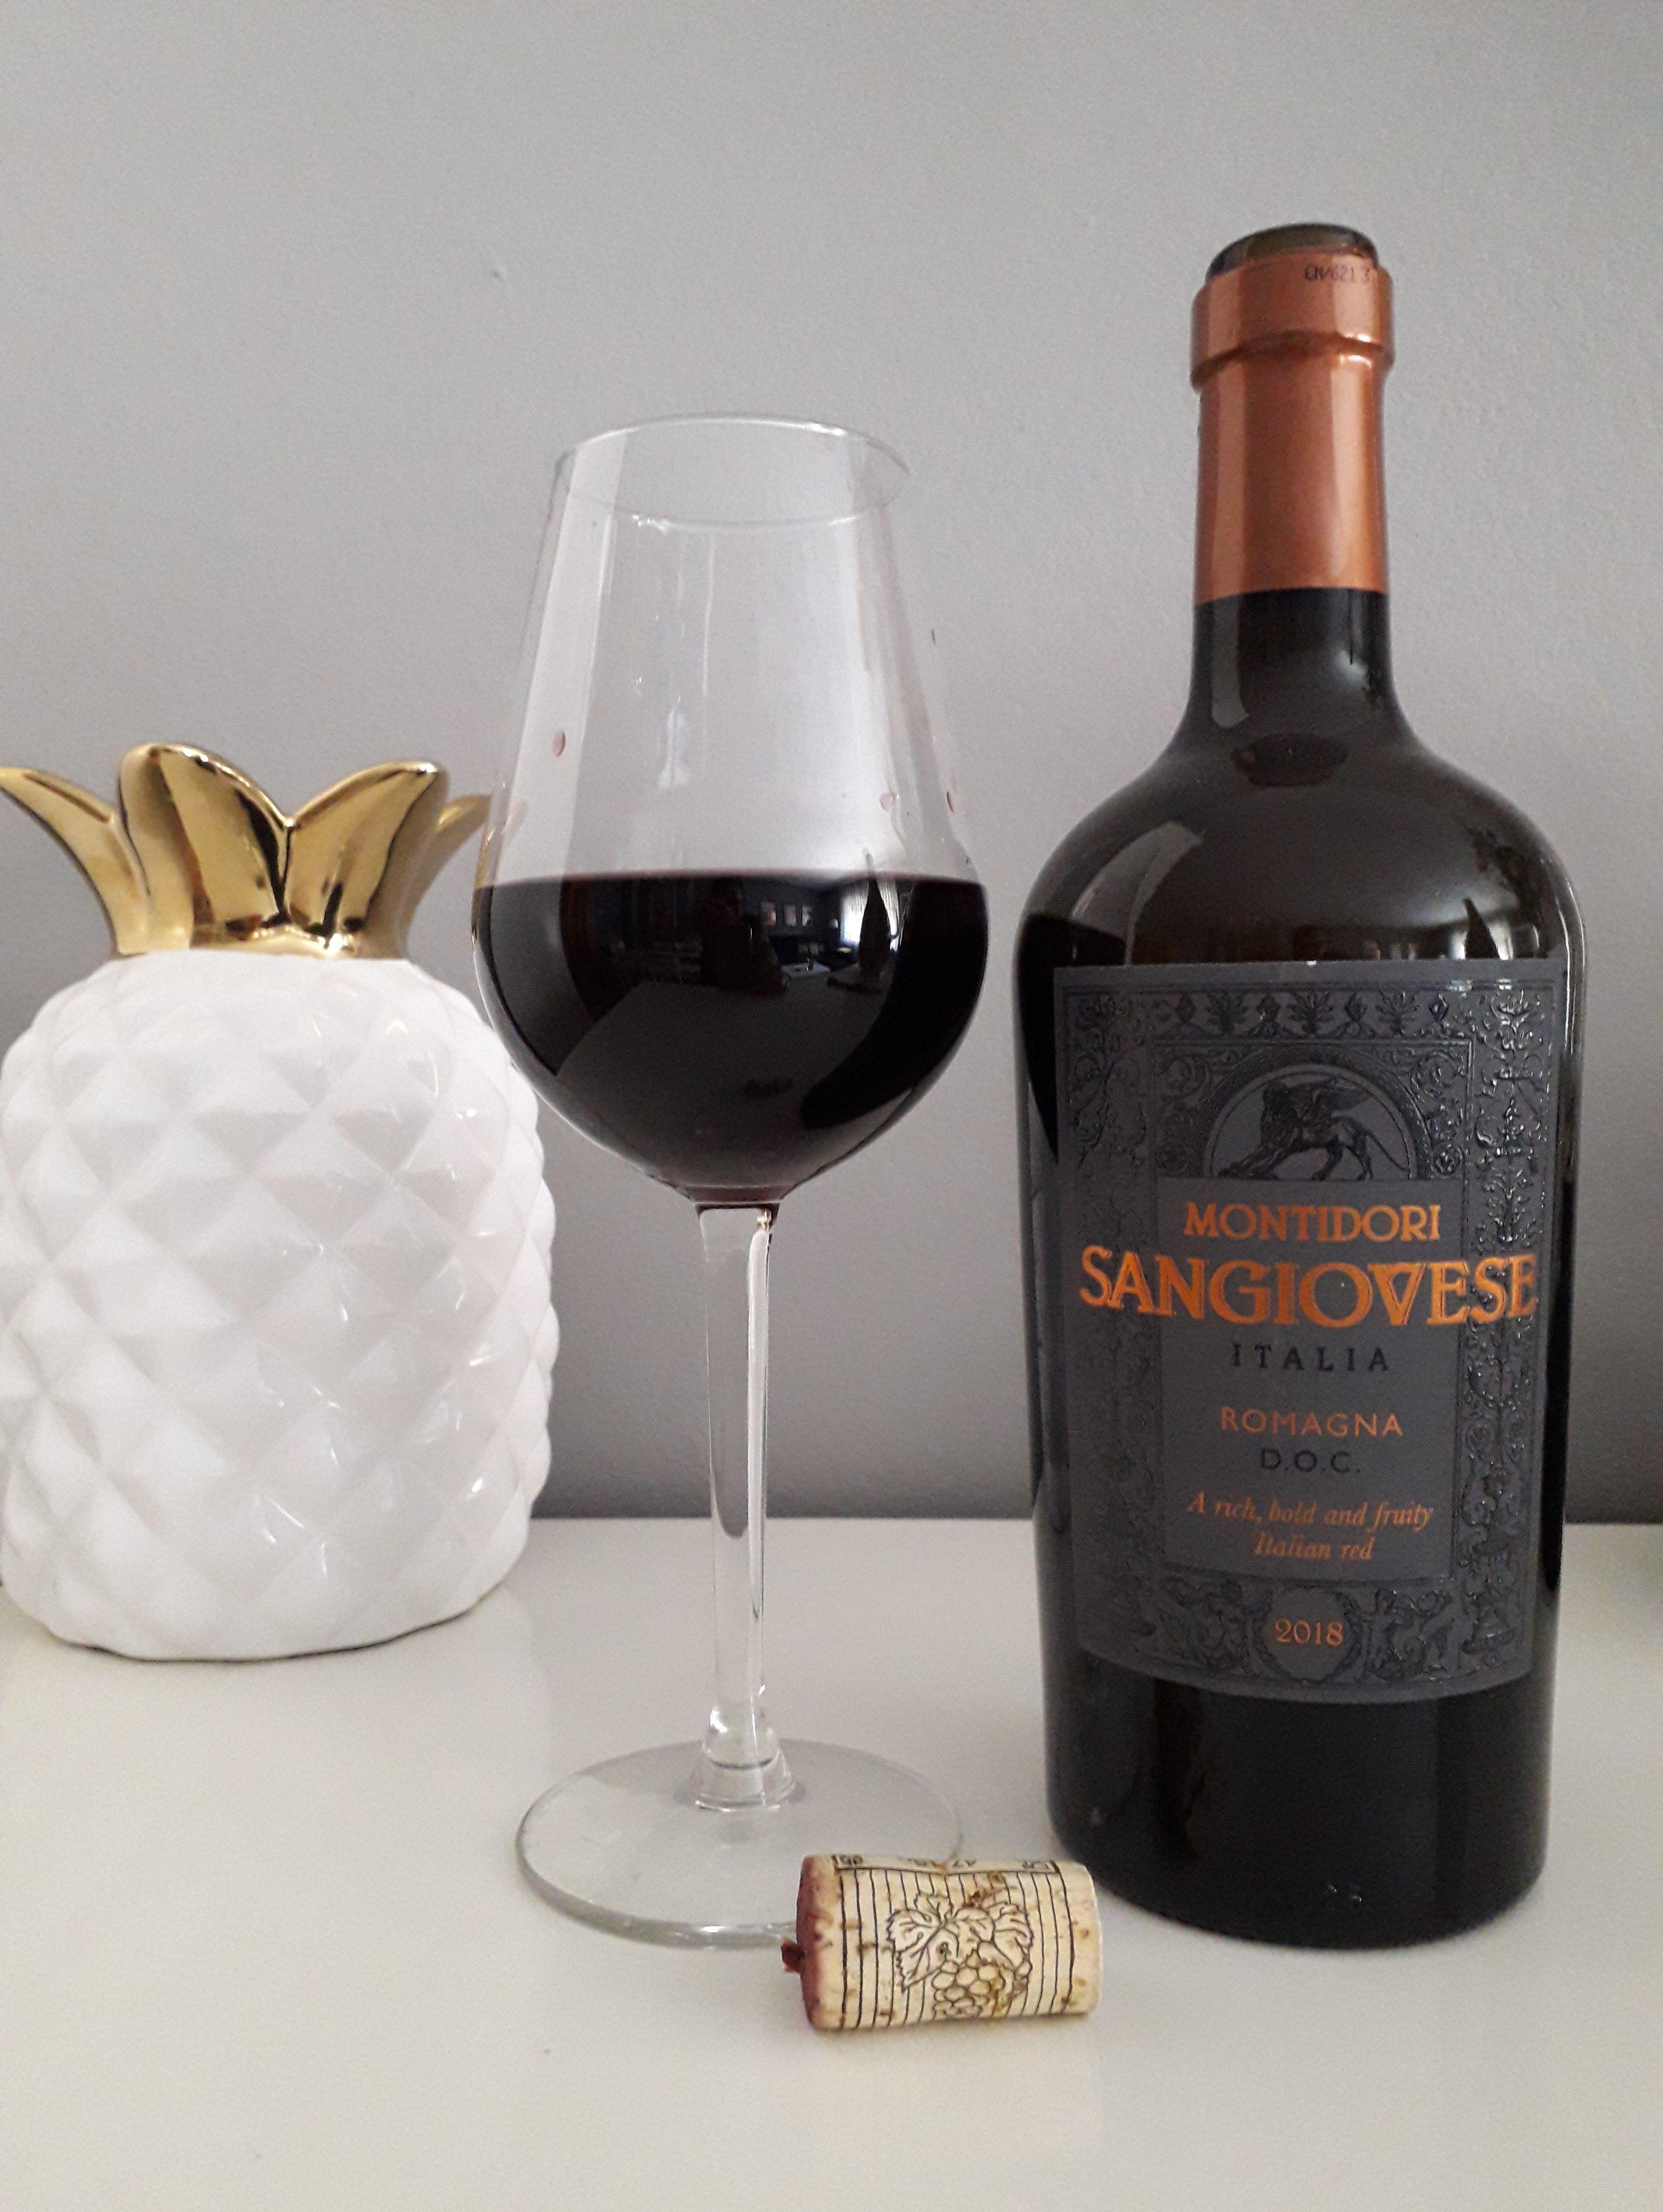 Montidori Sangiovese Crianza 2018 Vino Italiano Vinos Alcoholica